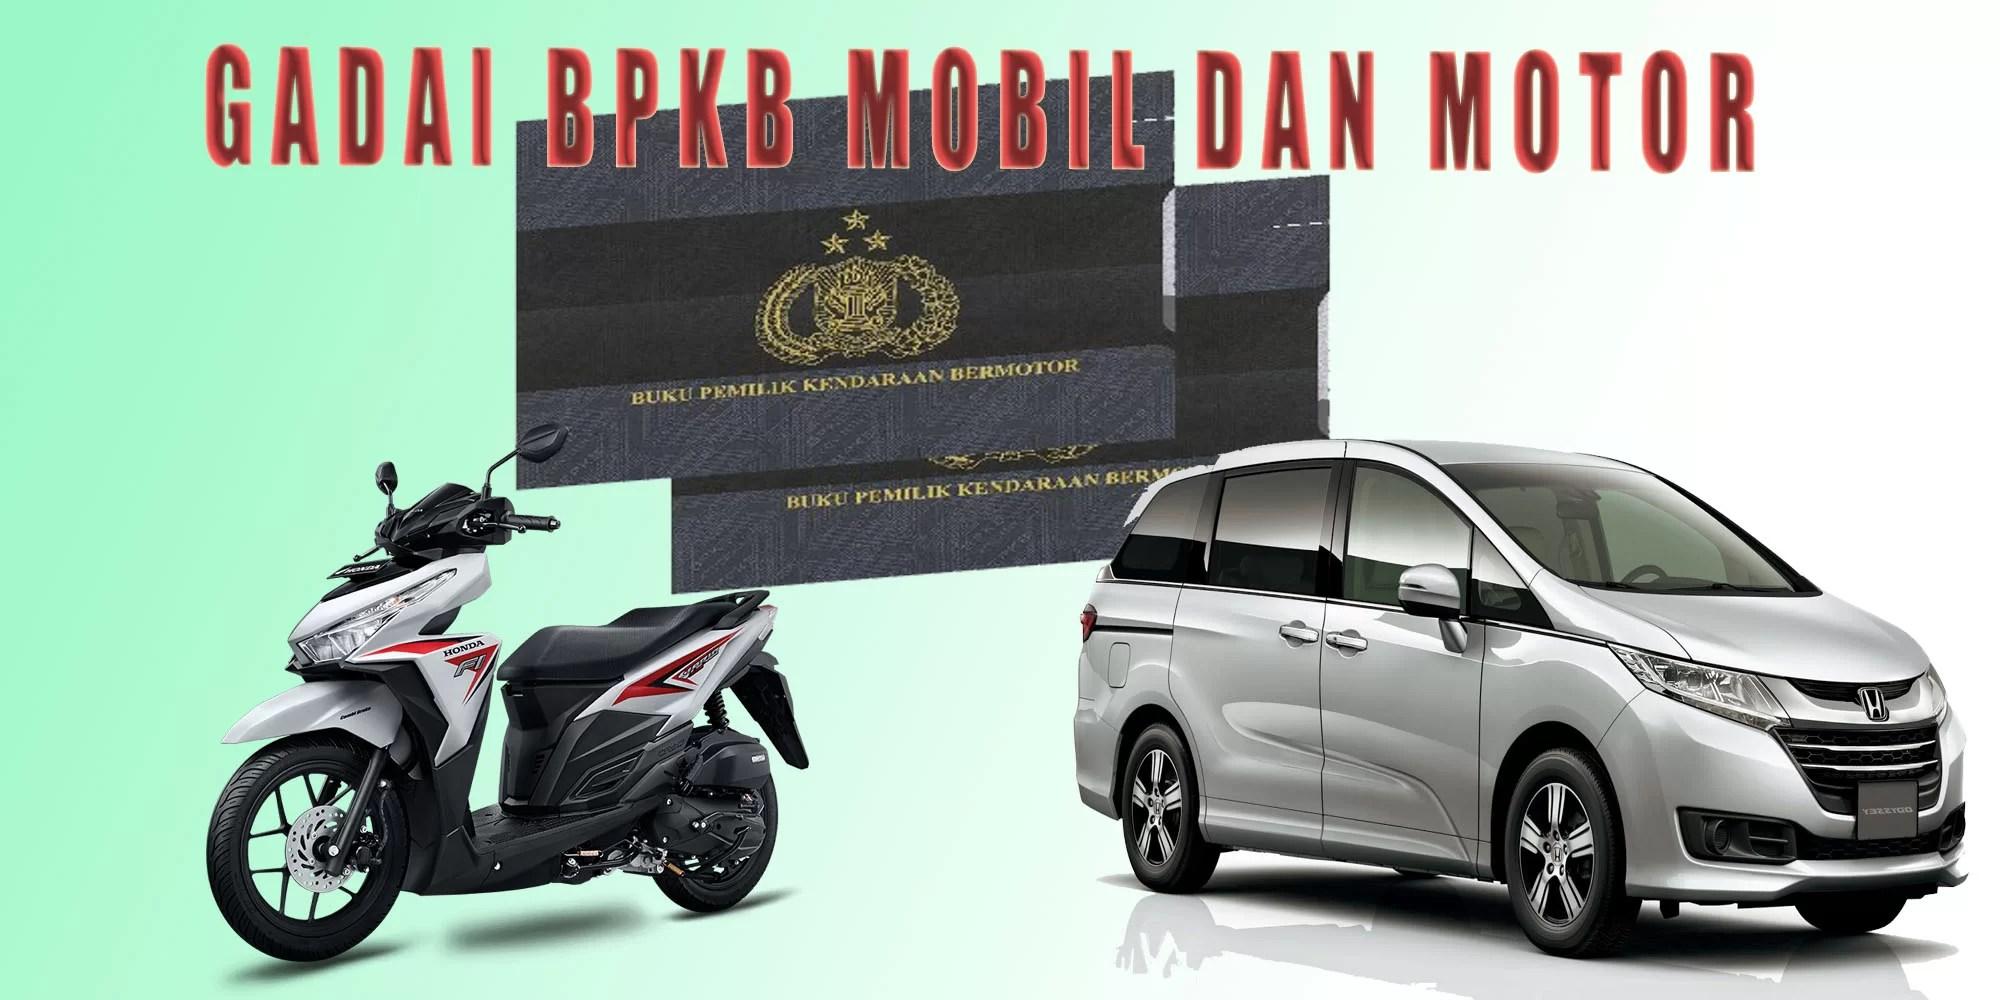 TEMPAT GADAI BPKB MOBIL MOTOR DAERAH PEKANBARU - Gadai ...